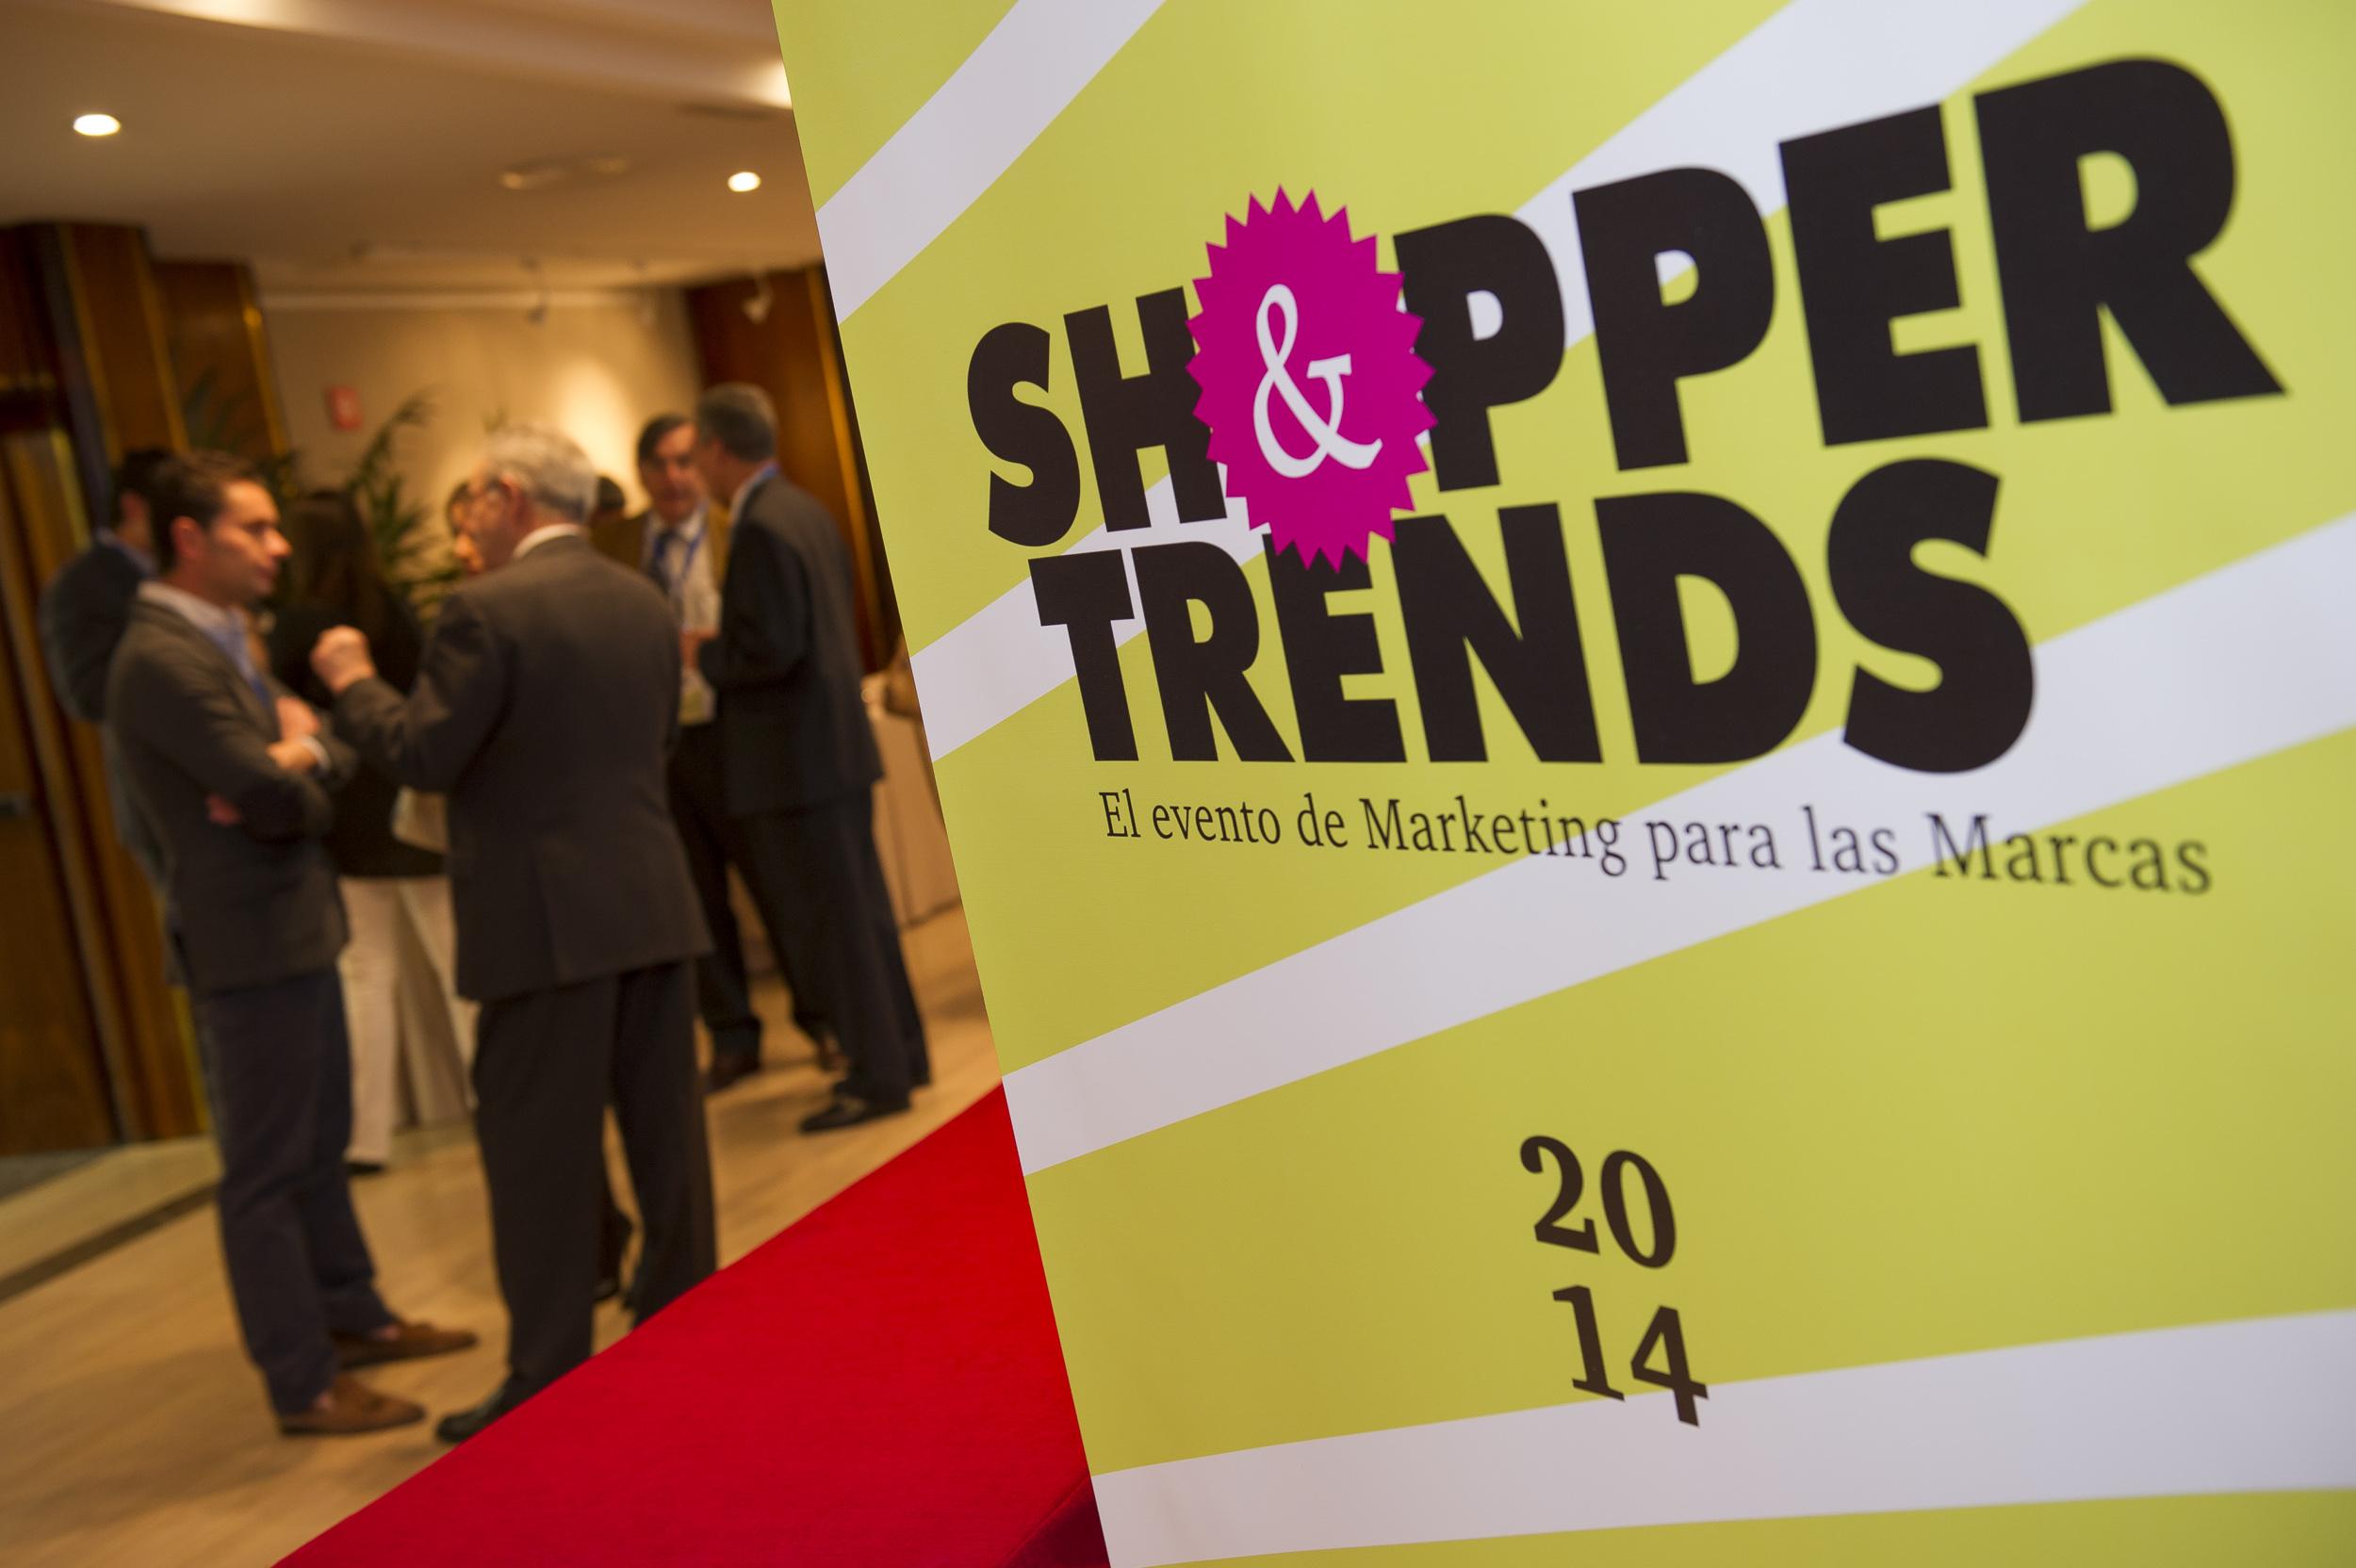 La II edición de Shopper&Trends tendrá lugar el 25 de marzo en Madrid